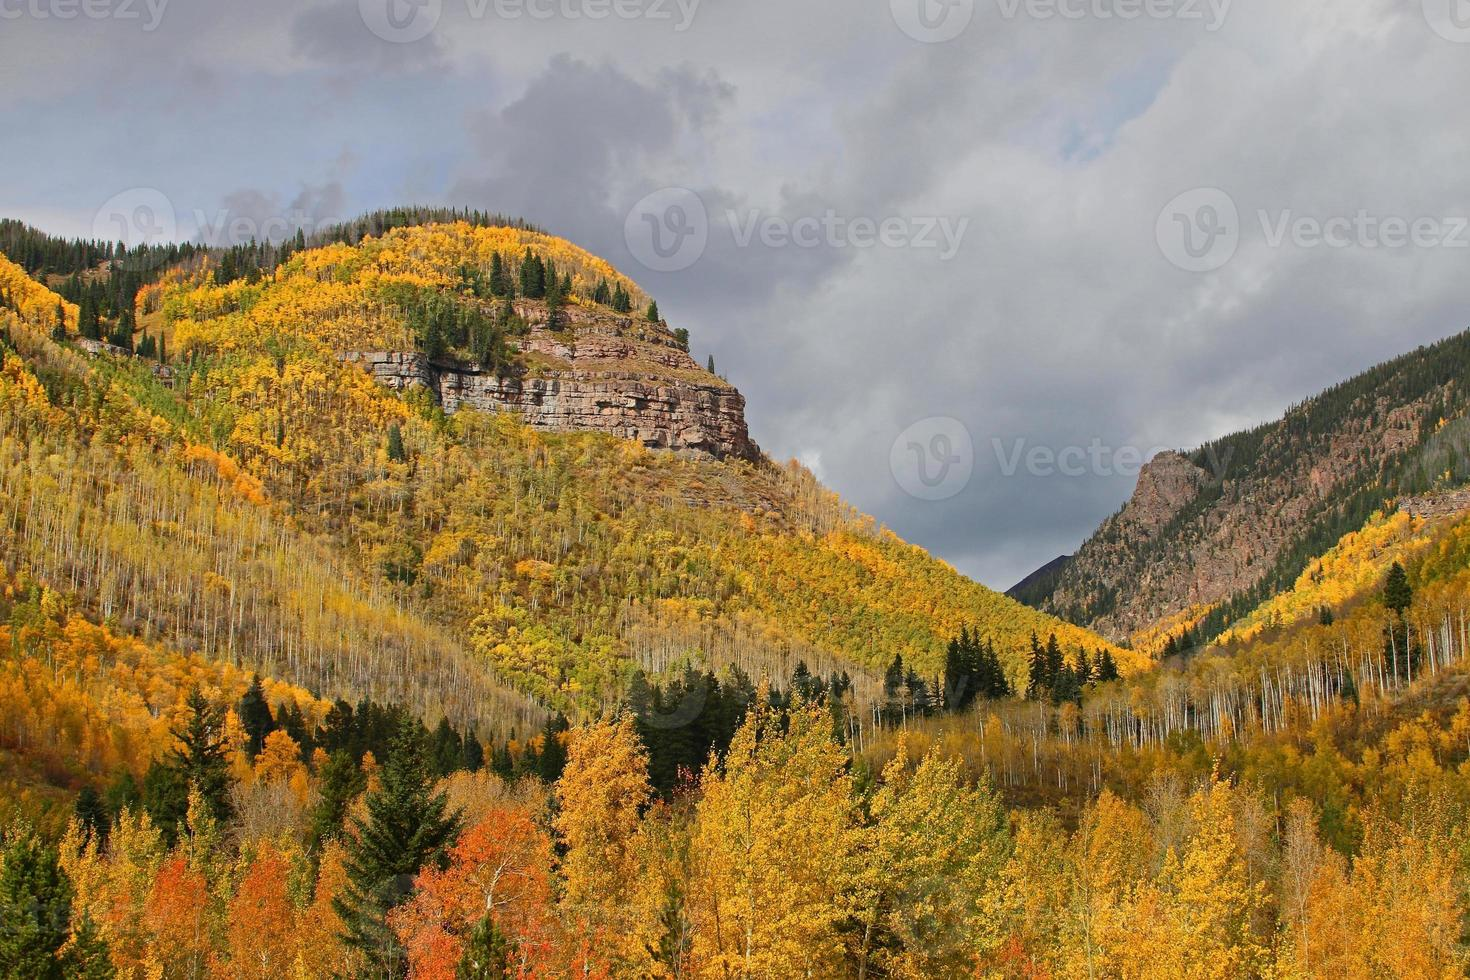 denver gebied bergen in de herfst foto